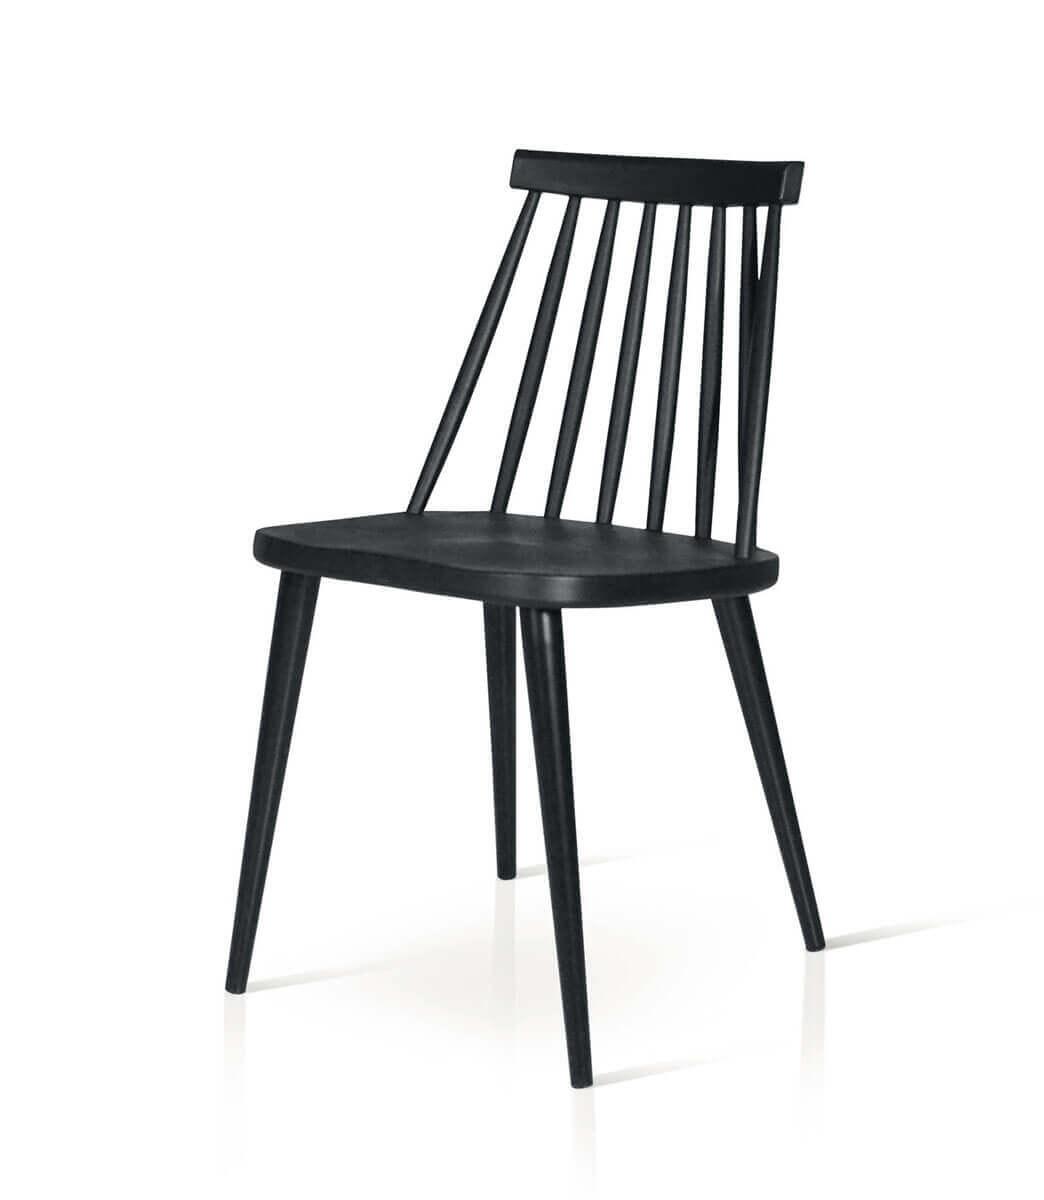 Sedie in plastica PVC e metallo moderne - bianche o nere - Spazio Casa